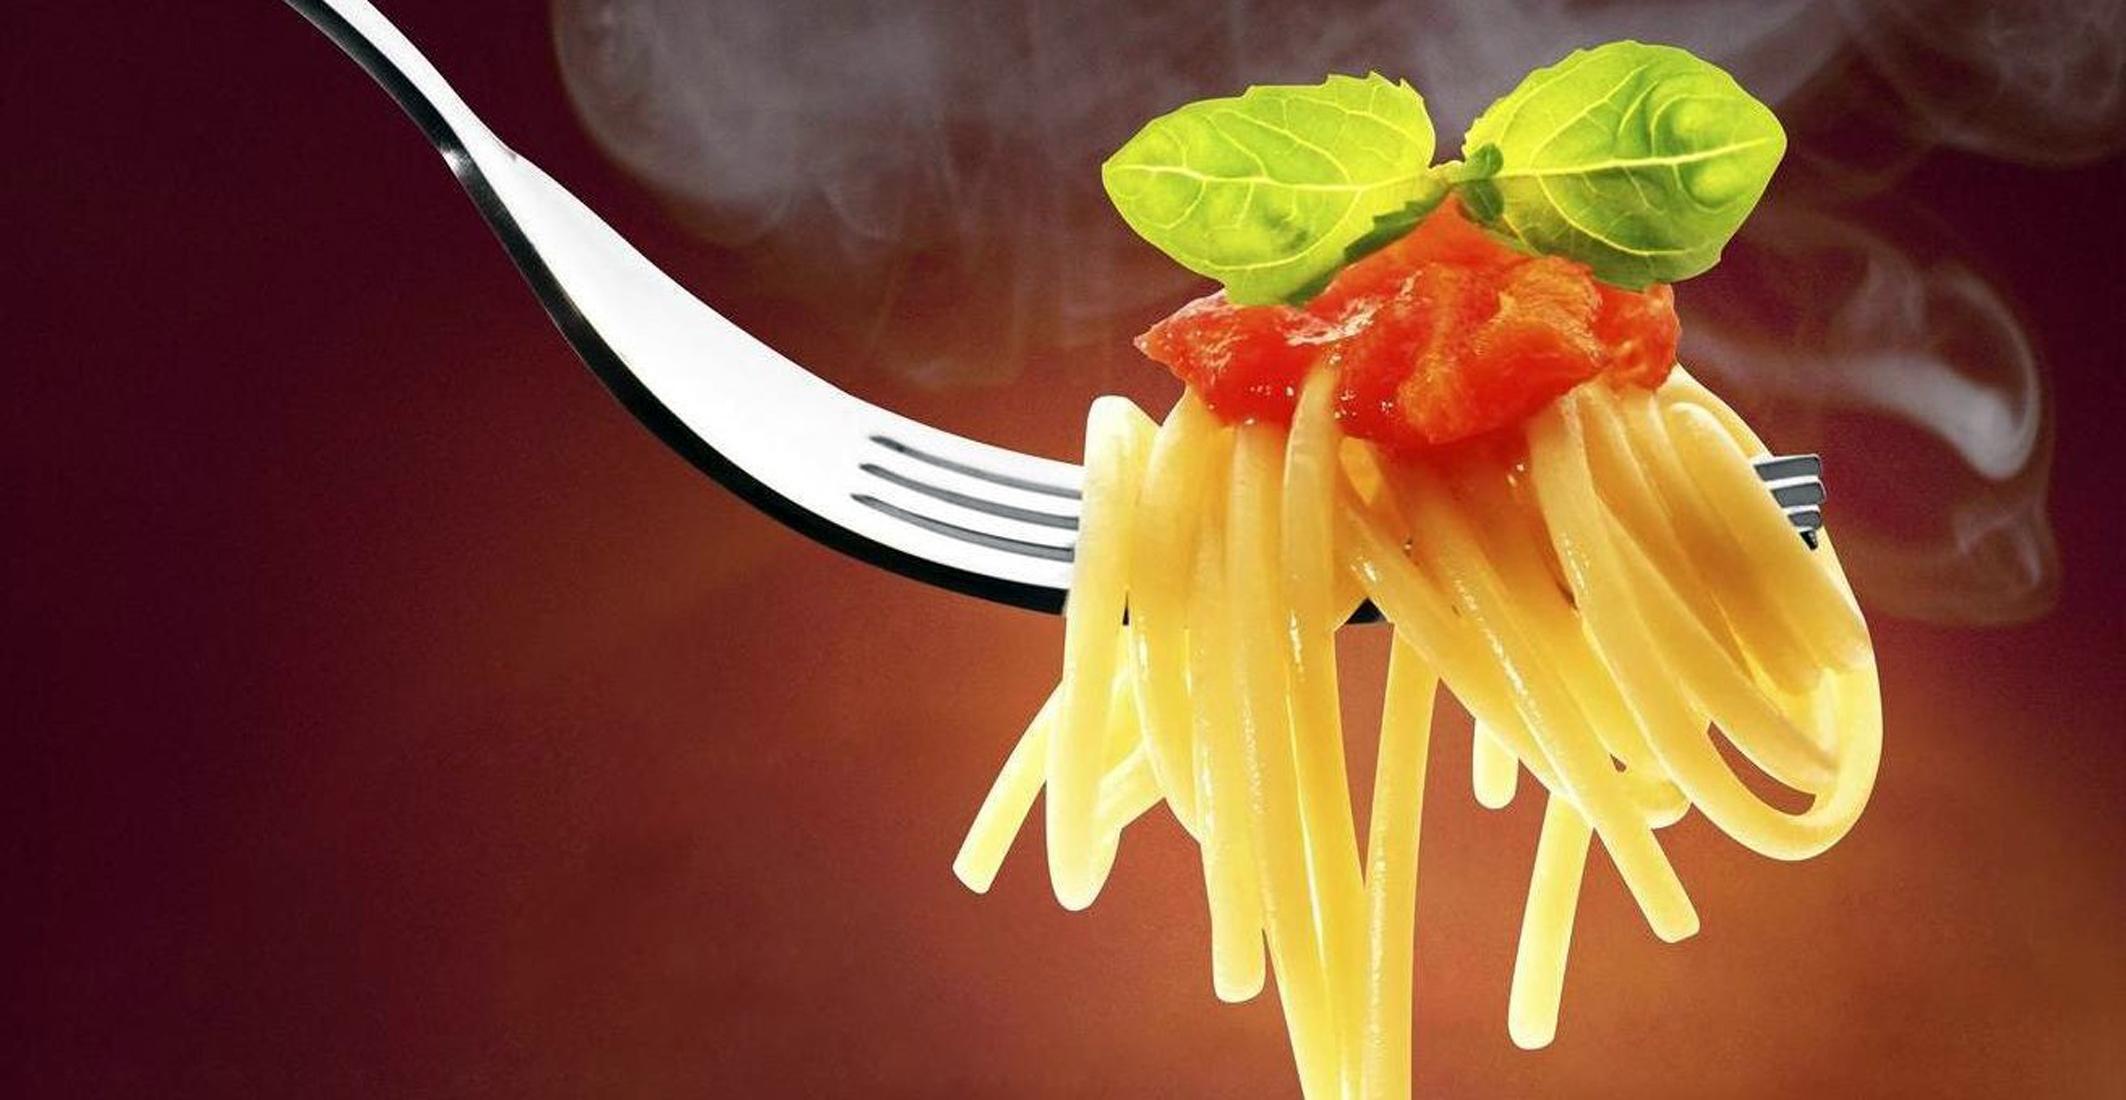 Copia-di-spaghetti-al-pomodoro-1312x679